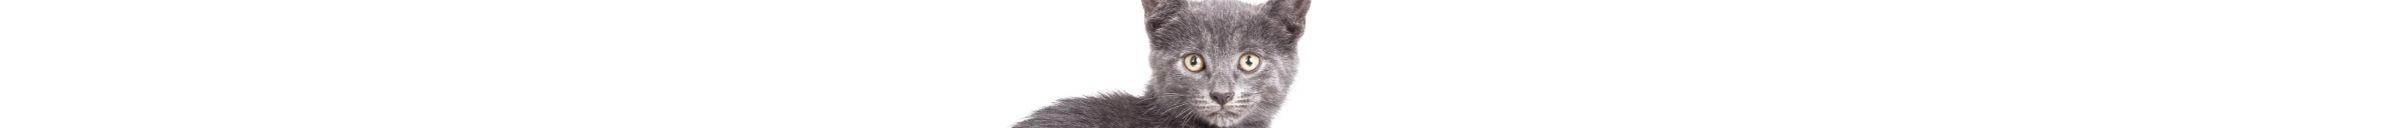 kintone ポータル スペース カバー画像(猫シリーズ)143